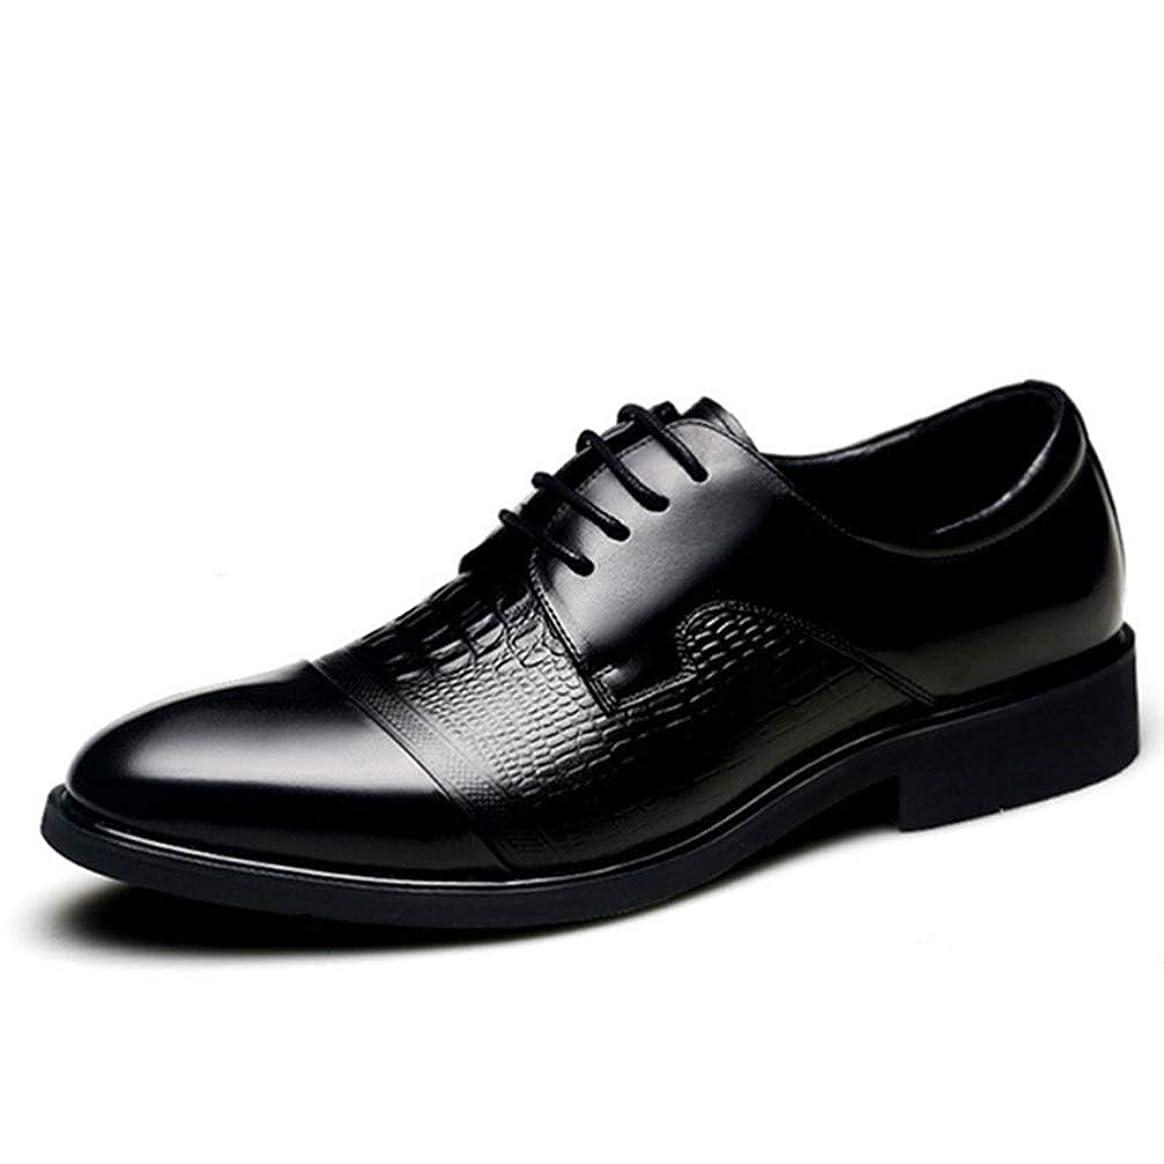 同化するレタッチダッシュビジネスシューズ メンズ 黒 ブラック ブラウン 茶色 スーツ用 結婚式 新郎 大きいサイズ ドレスシューズ レースアップシューズ 牛革 ストレートチップ フォーマル 冠婚葬祭 紳士靴 おしゃれ